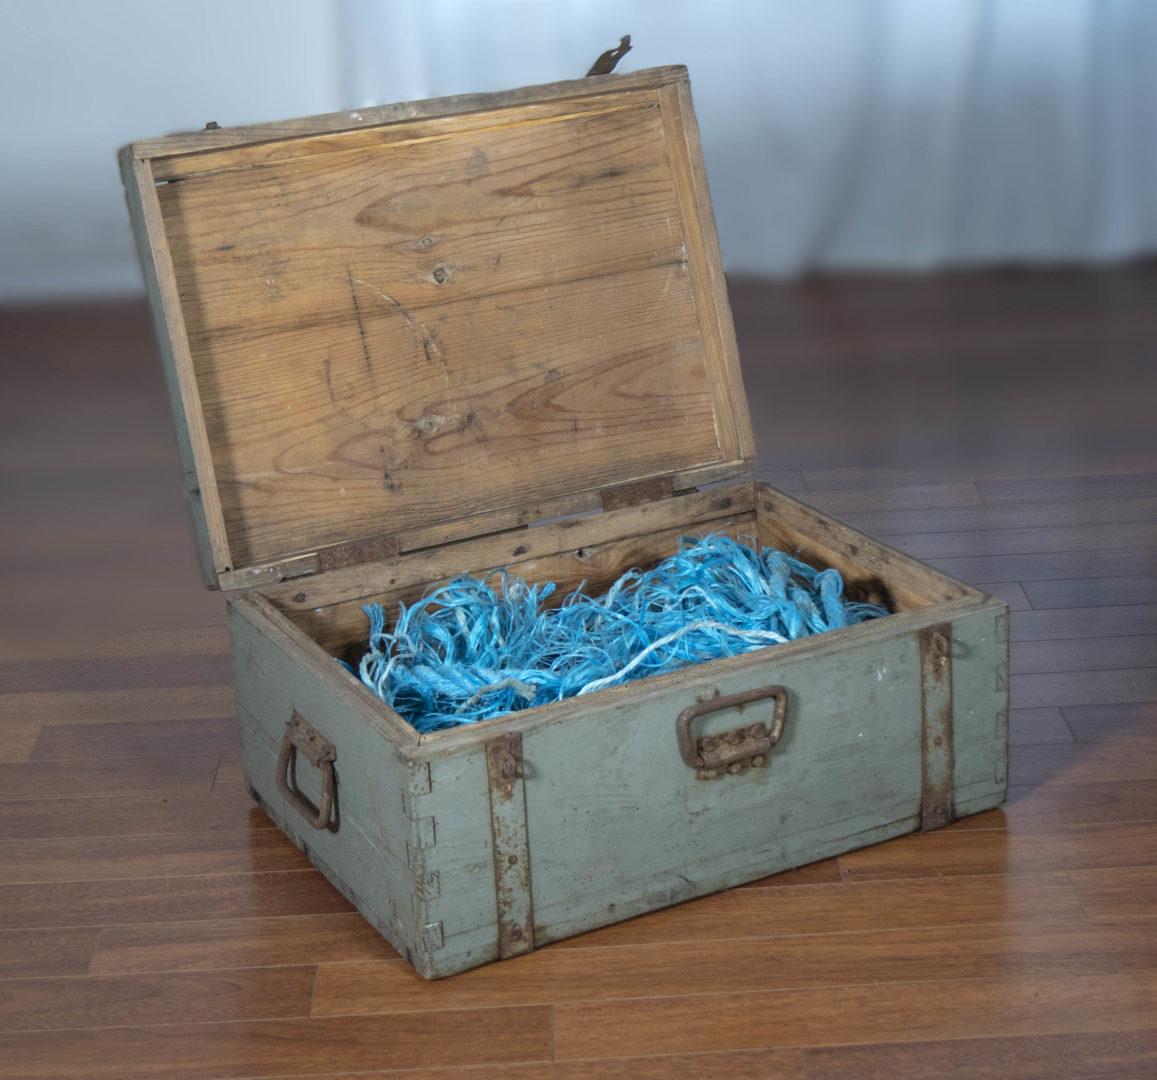 Châsse au trésor - Coffre en bois et métal et cordages